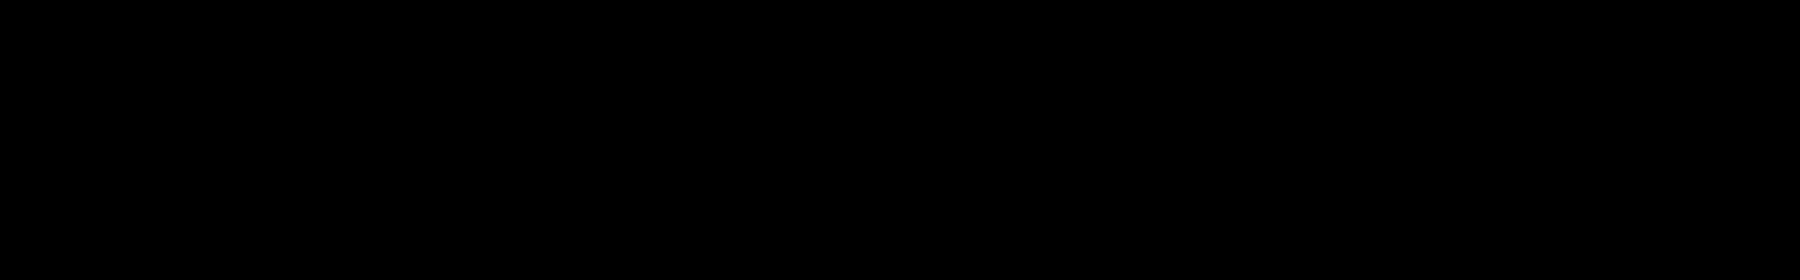 Melodic Horizon audio waveform